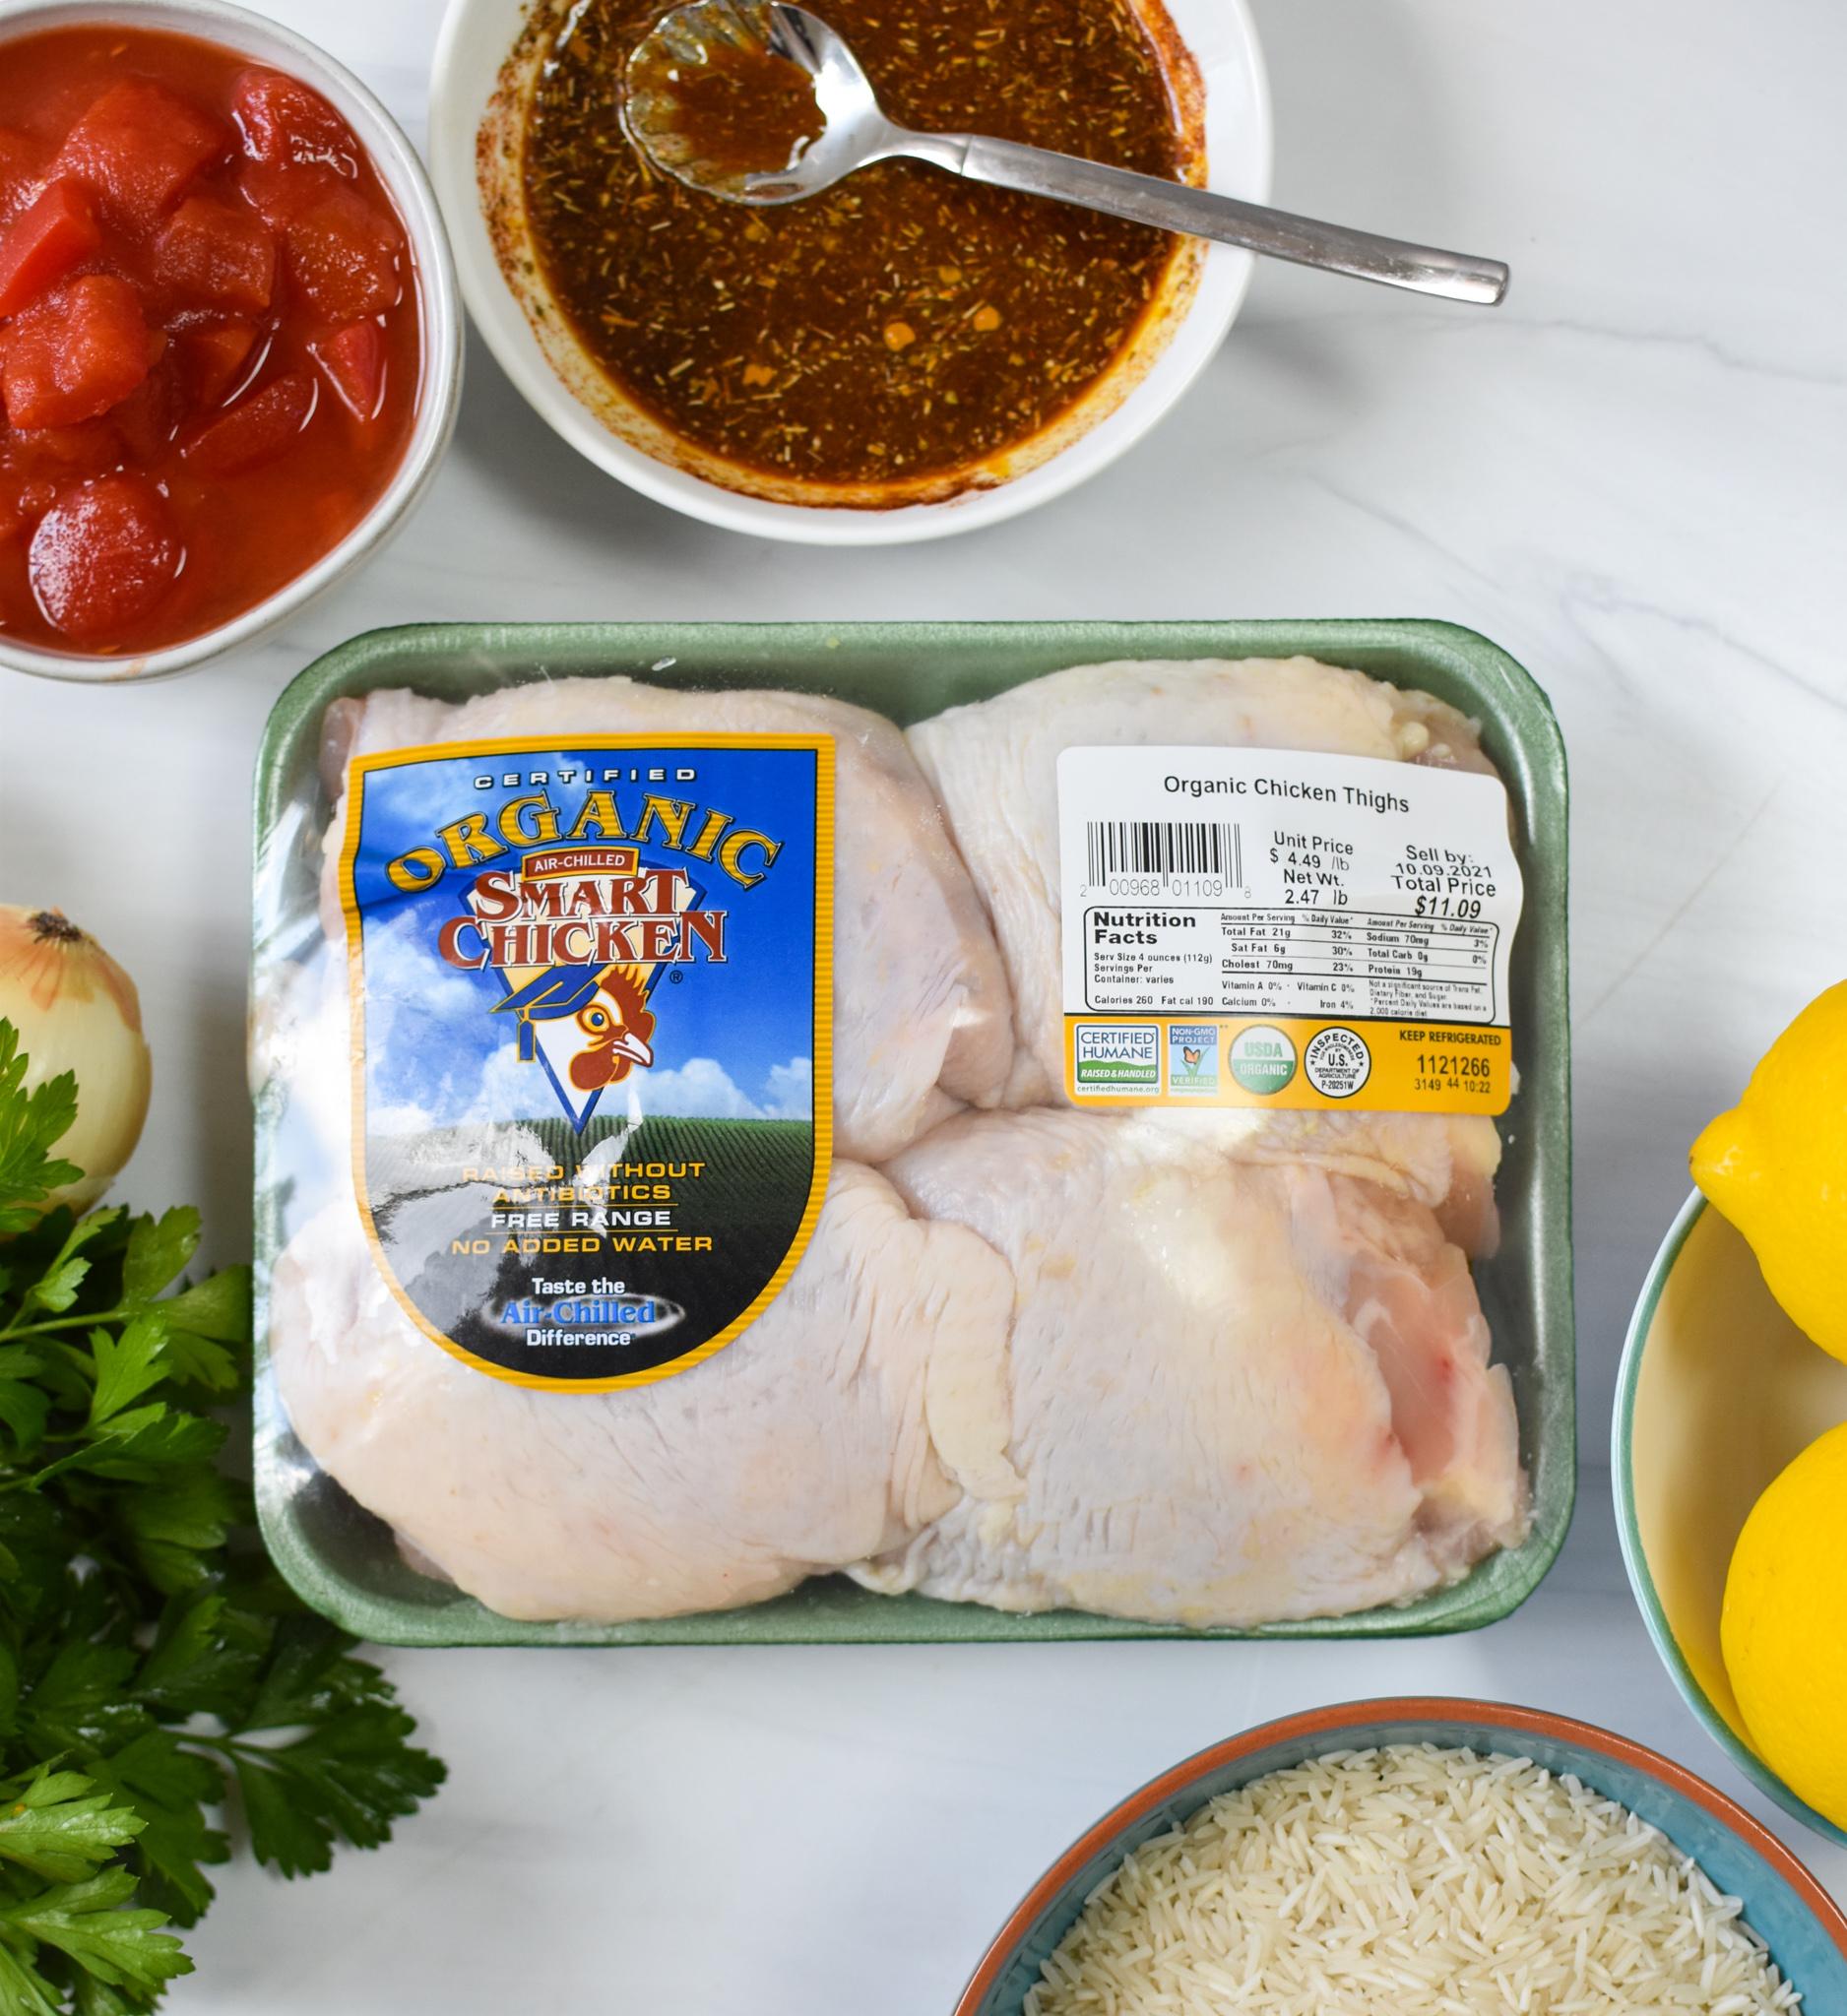 One Pot Mediterranean Chicken and Rice ingredients.